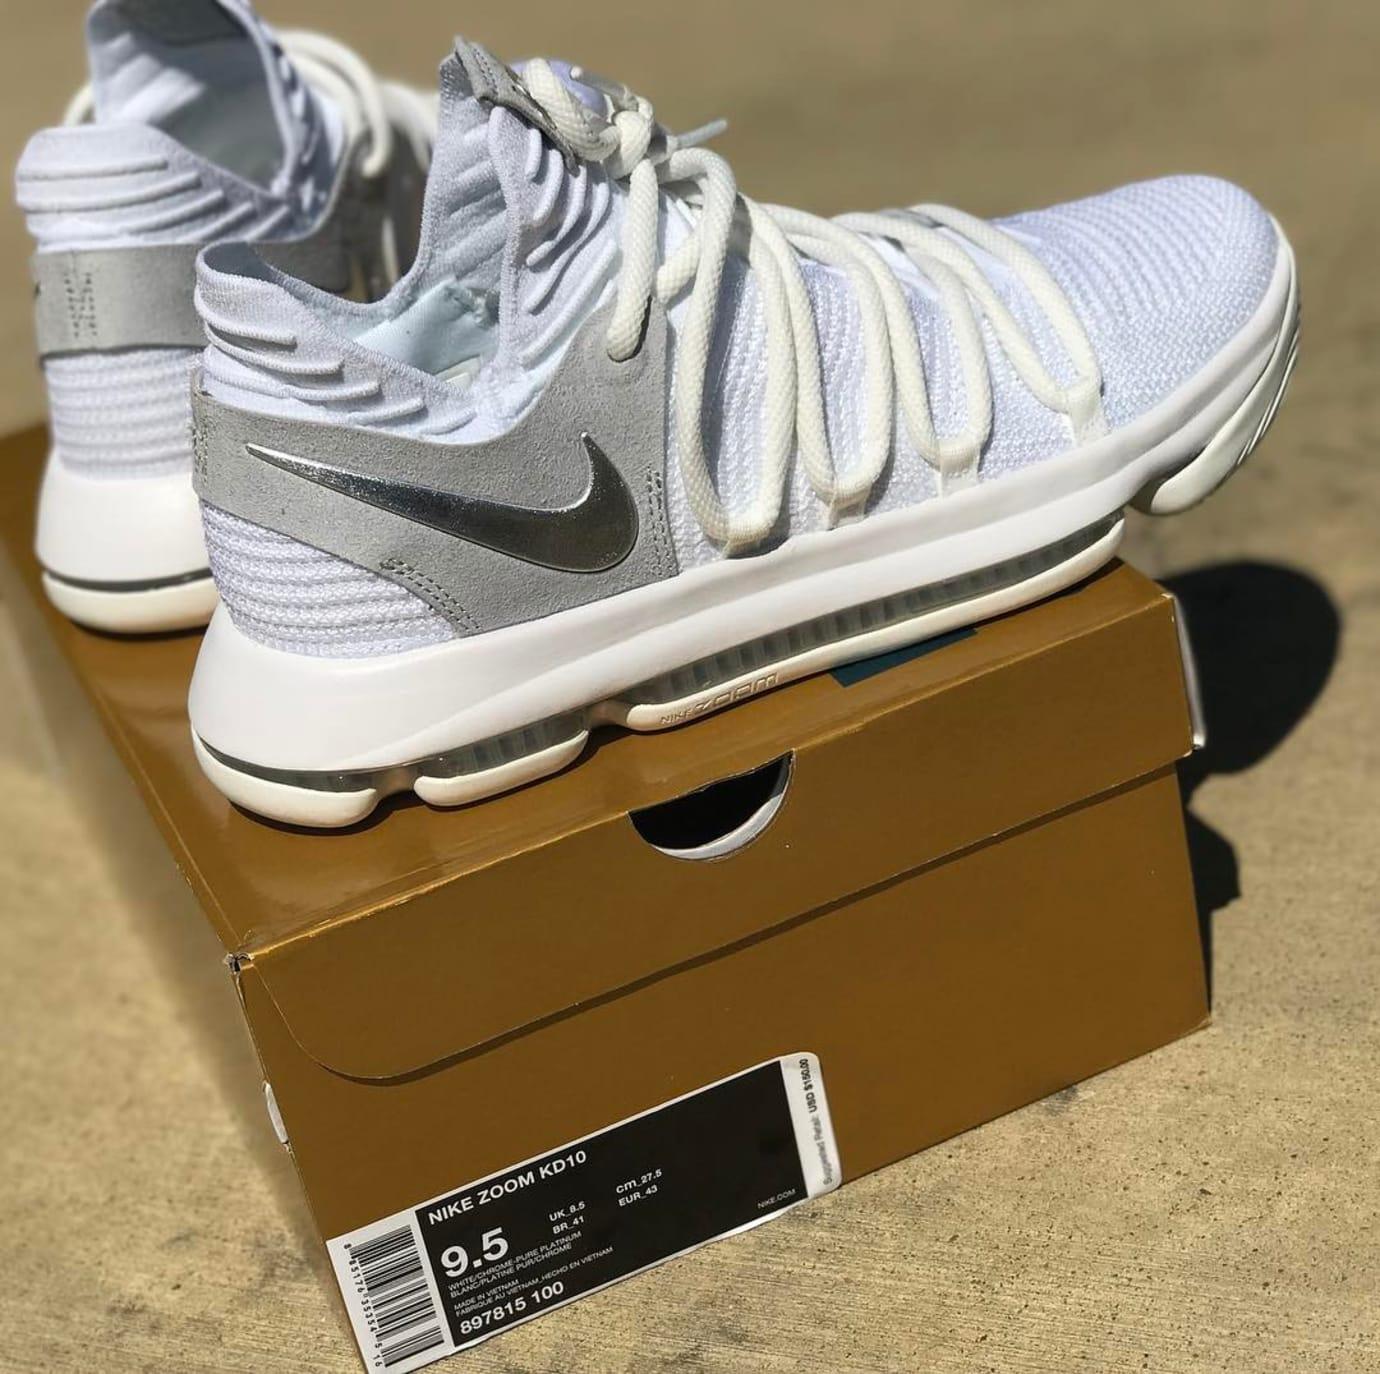 18cf863977b39 Nike KD 10 White Chrome Release Date Box 897815-100